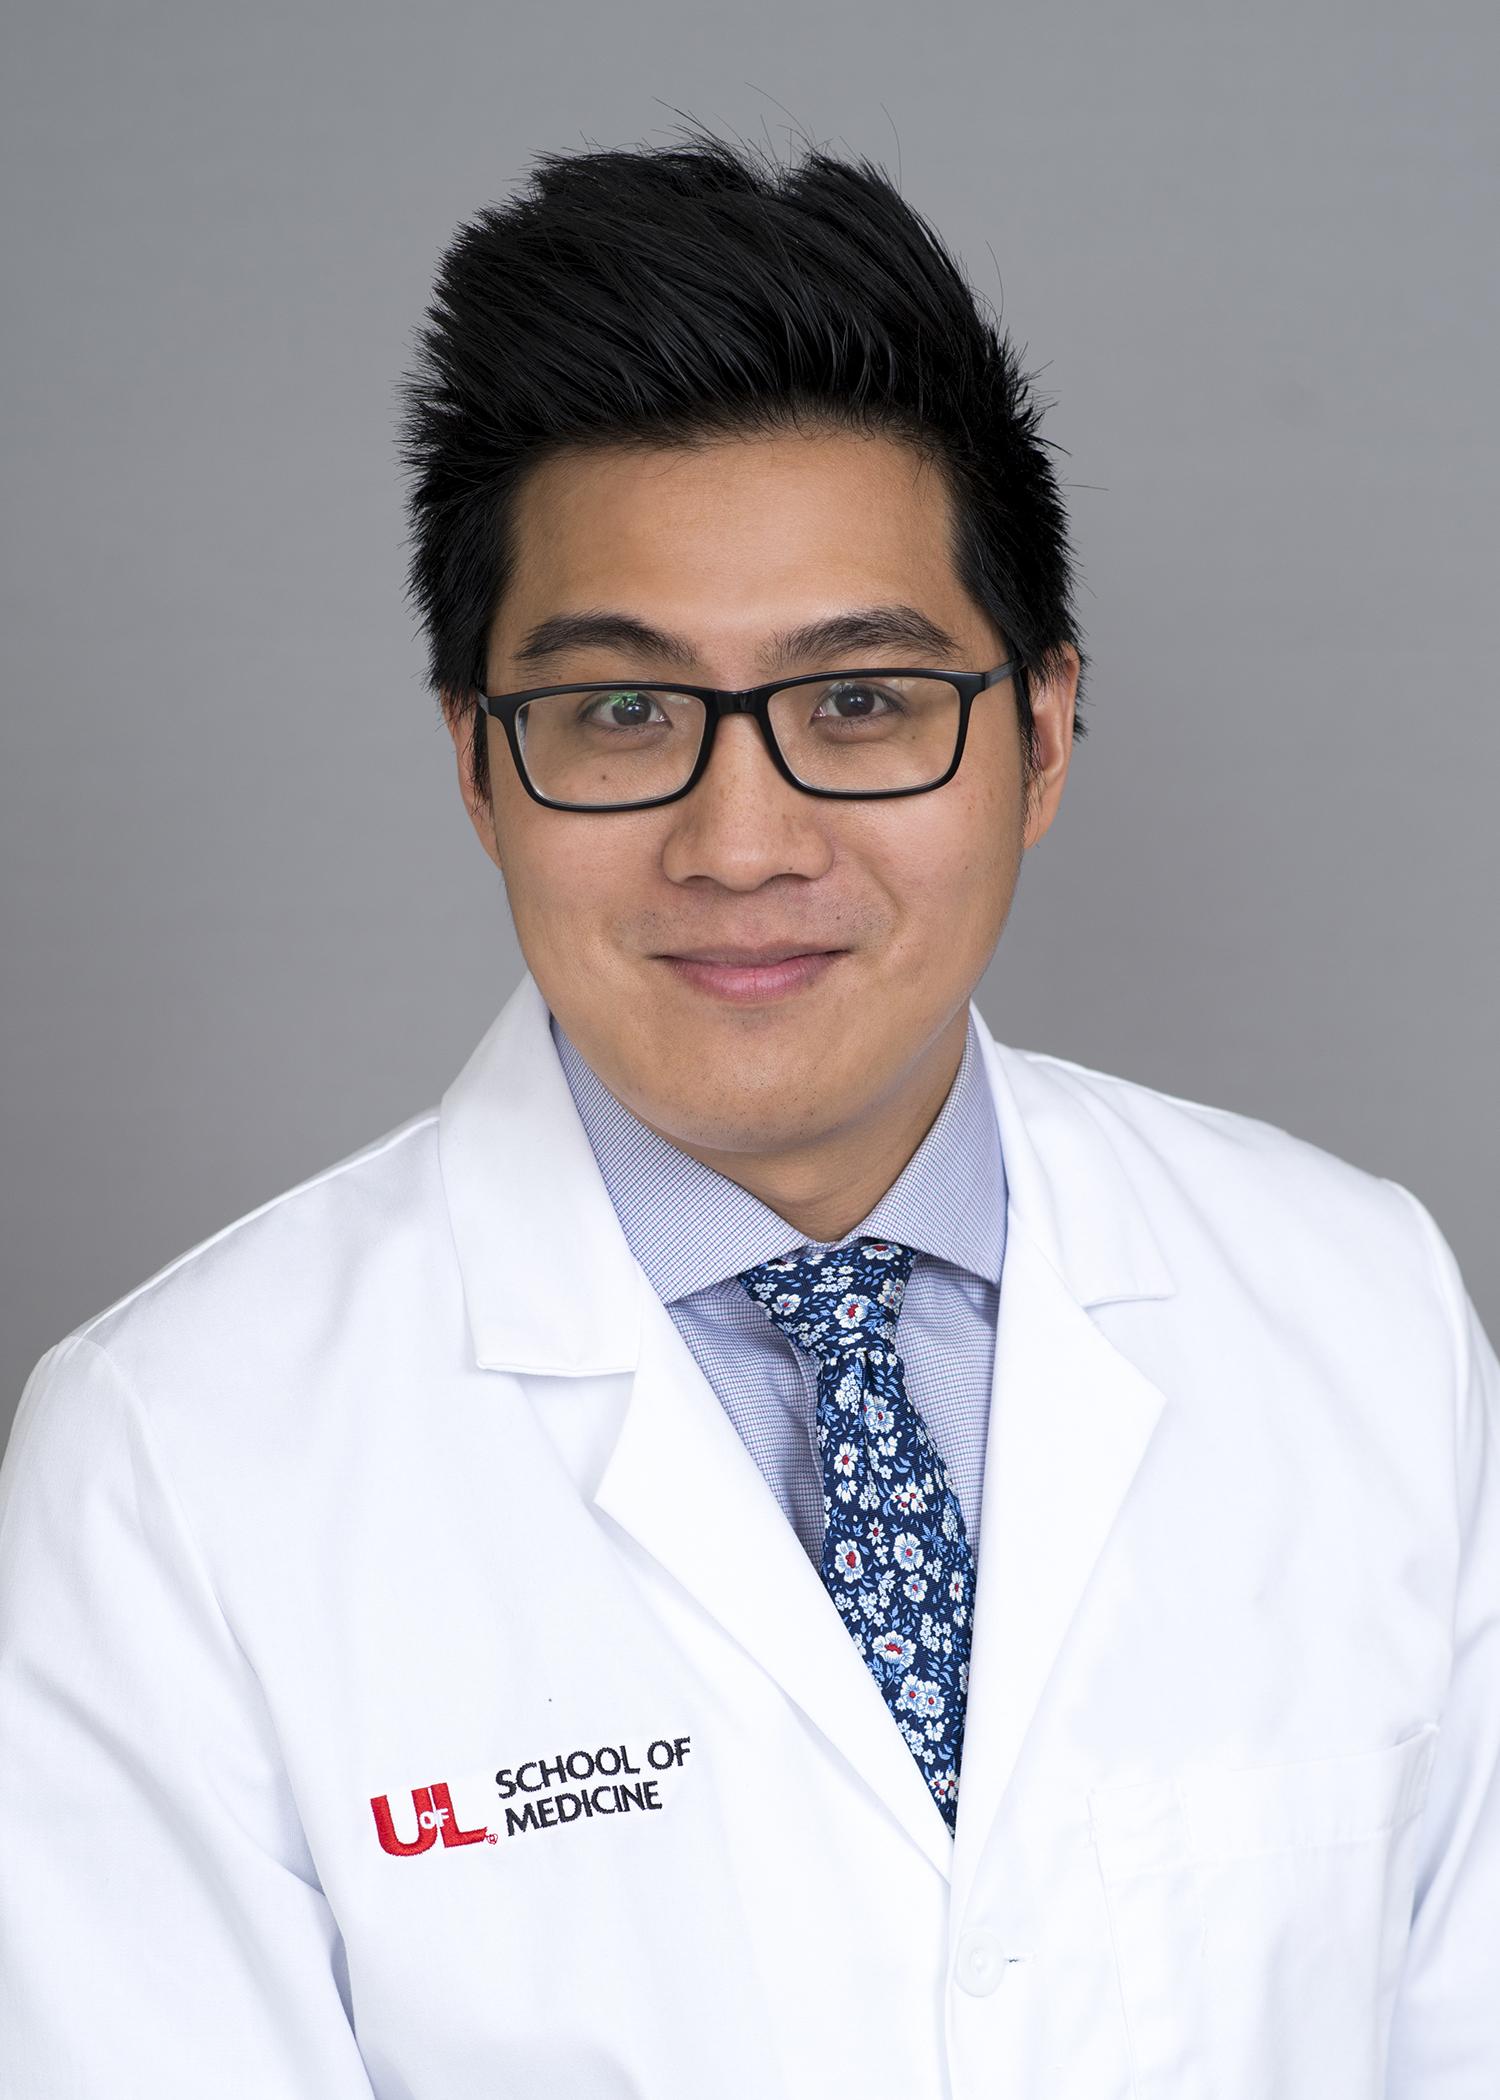 Dr. Jonathan Yue